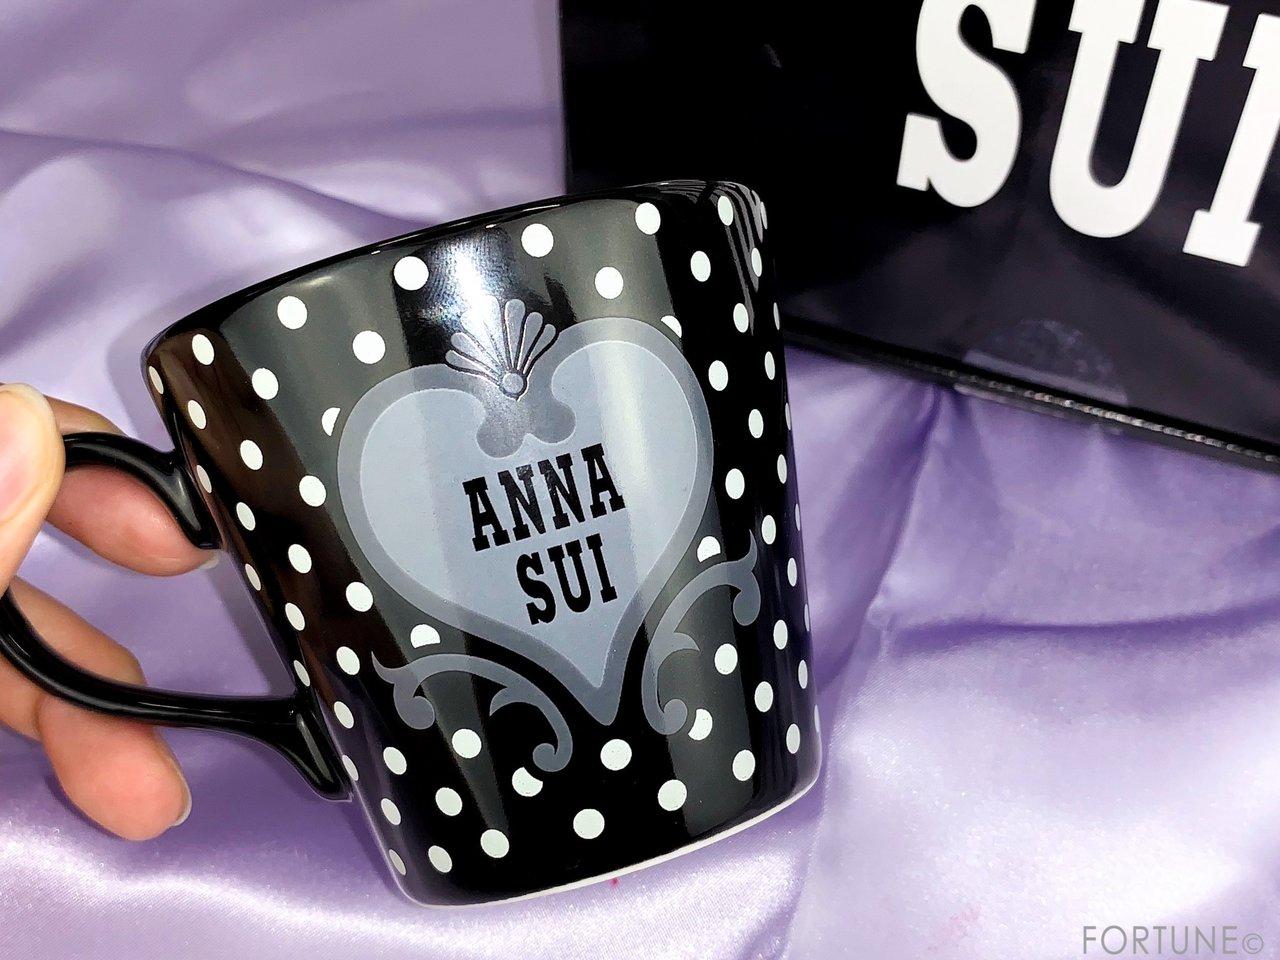 《アナ スイ(ANNA SUI)》2019秋新作『SUI BLACK』